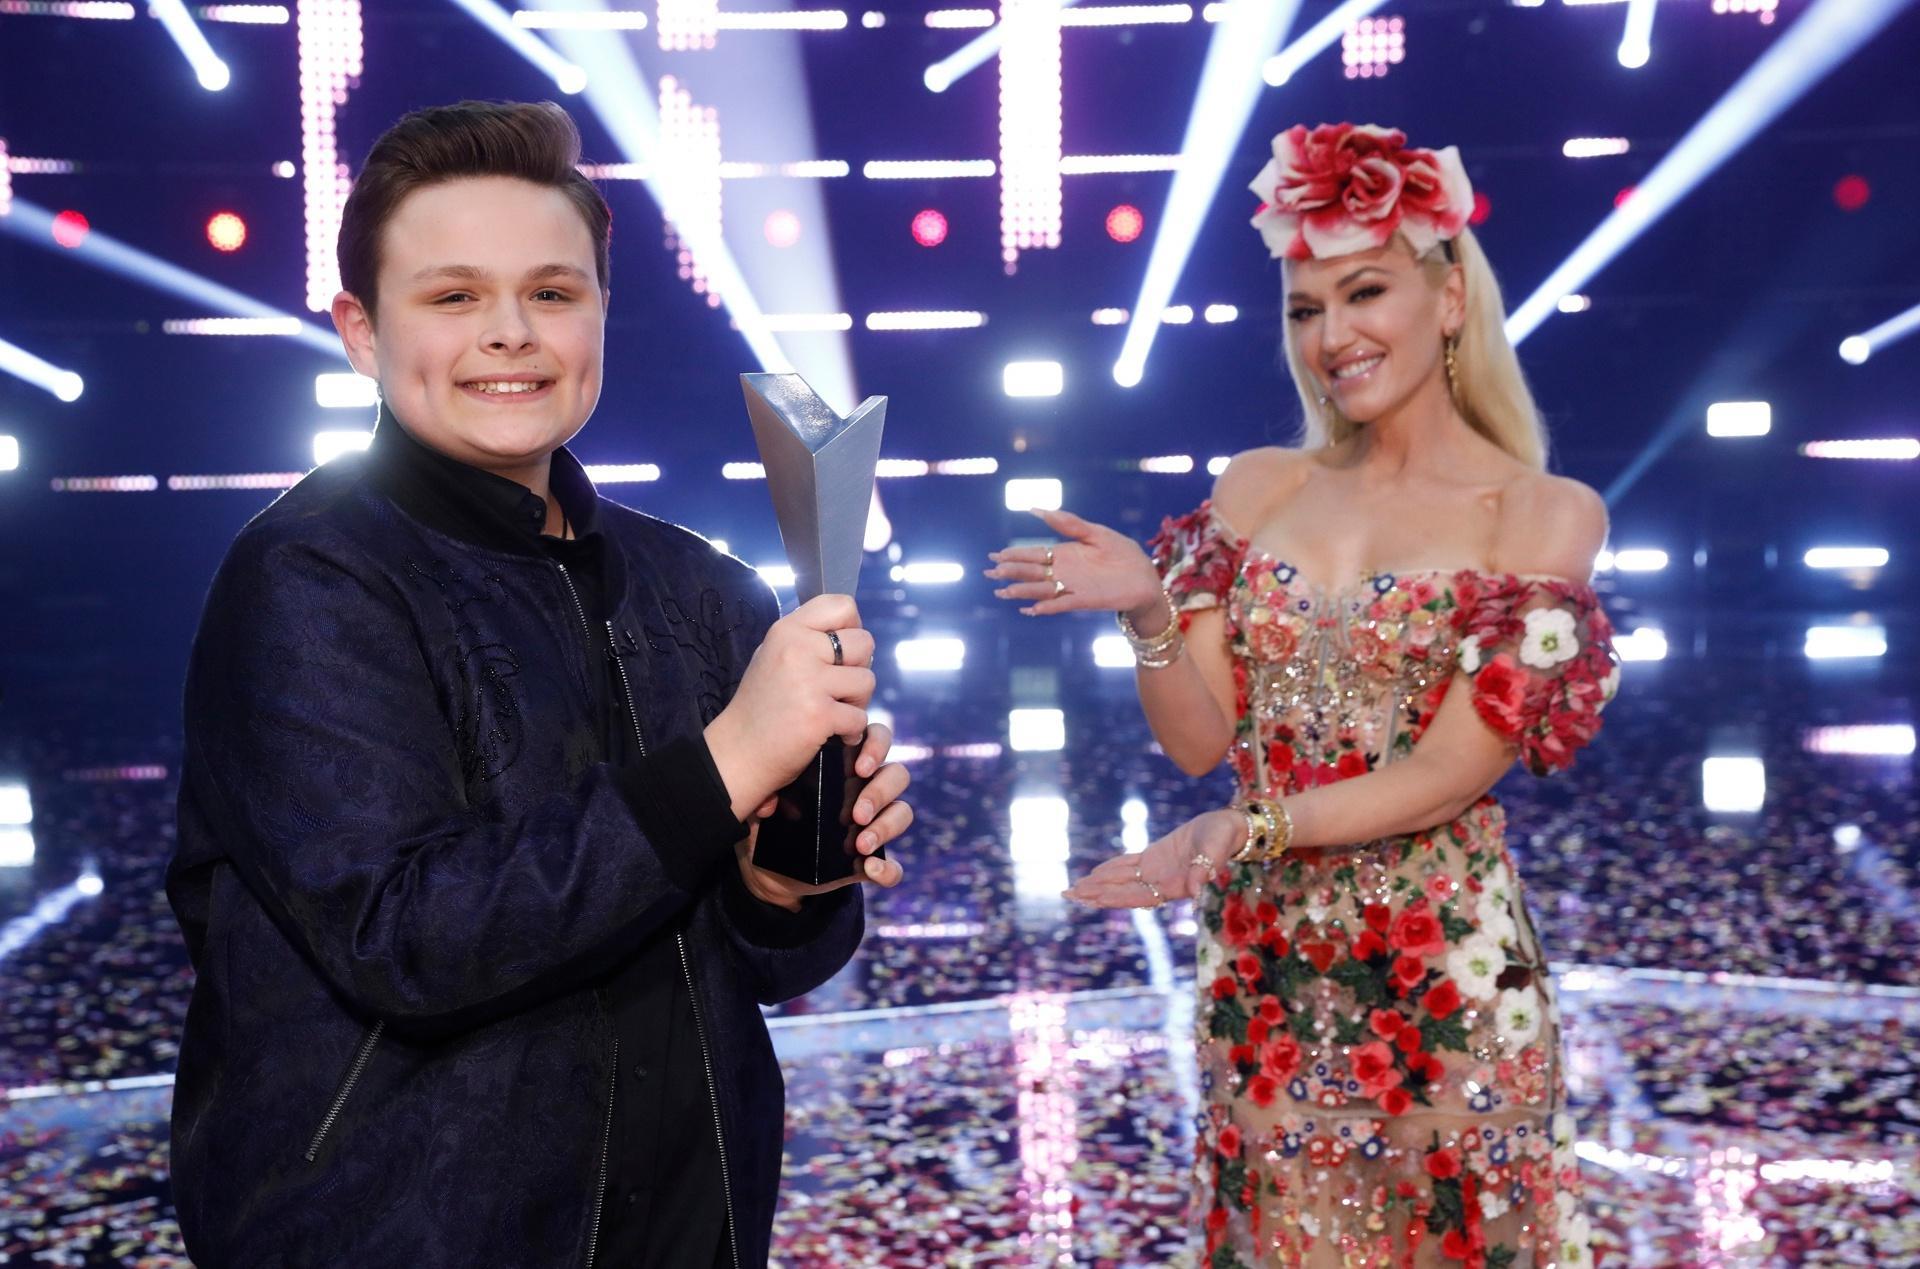 Giọng ca 15 tuổi chiến thắng The Voice Mỹ Ảnh 1